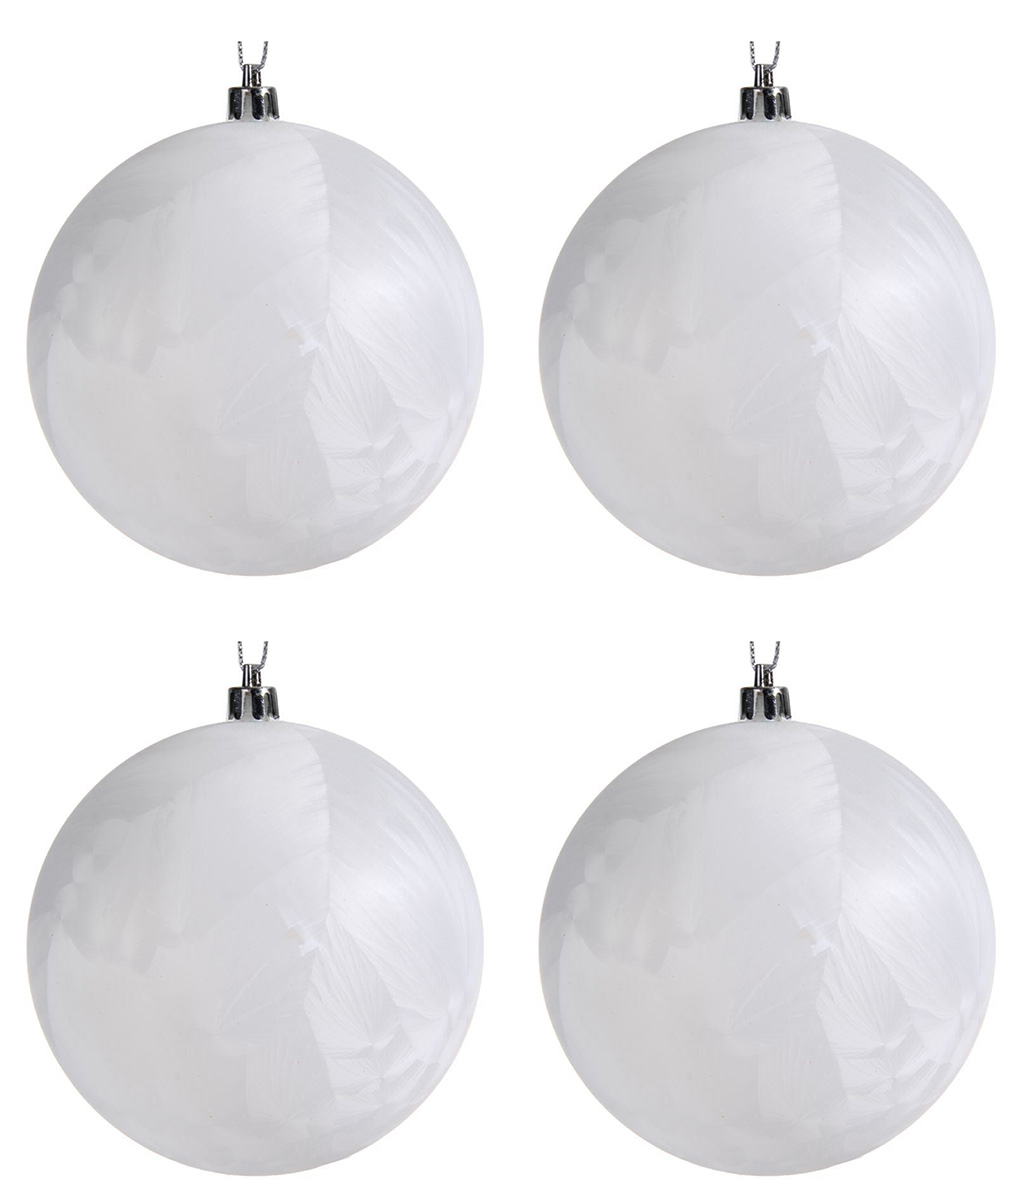 Набор новогодних подвесных украшений Sima-land Туман, цвет: белый, диаметр 10 см, 4 шт1307148Невозможно представить нашу жизнь без праздников! Мы всегда ждём их и предвкушаем, обдумываем, как проведём памятный день, тщательно выбираем подарки и аксессуары, ведь именно они создают и поддерживают торжественный настрой.